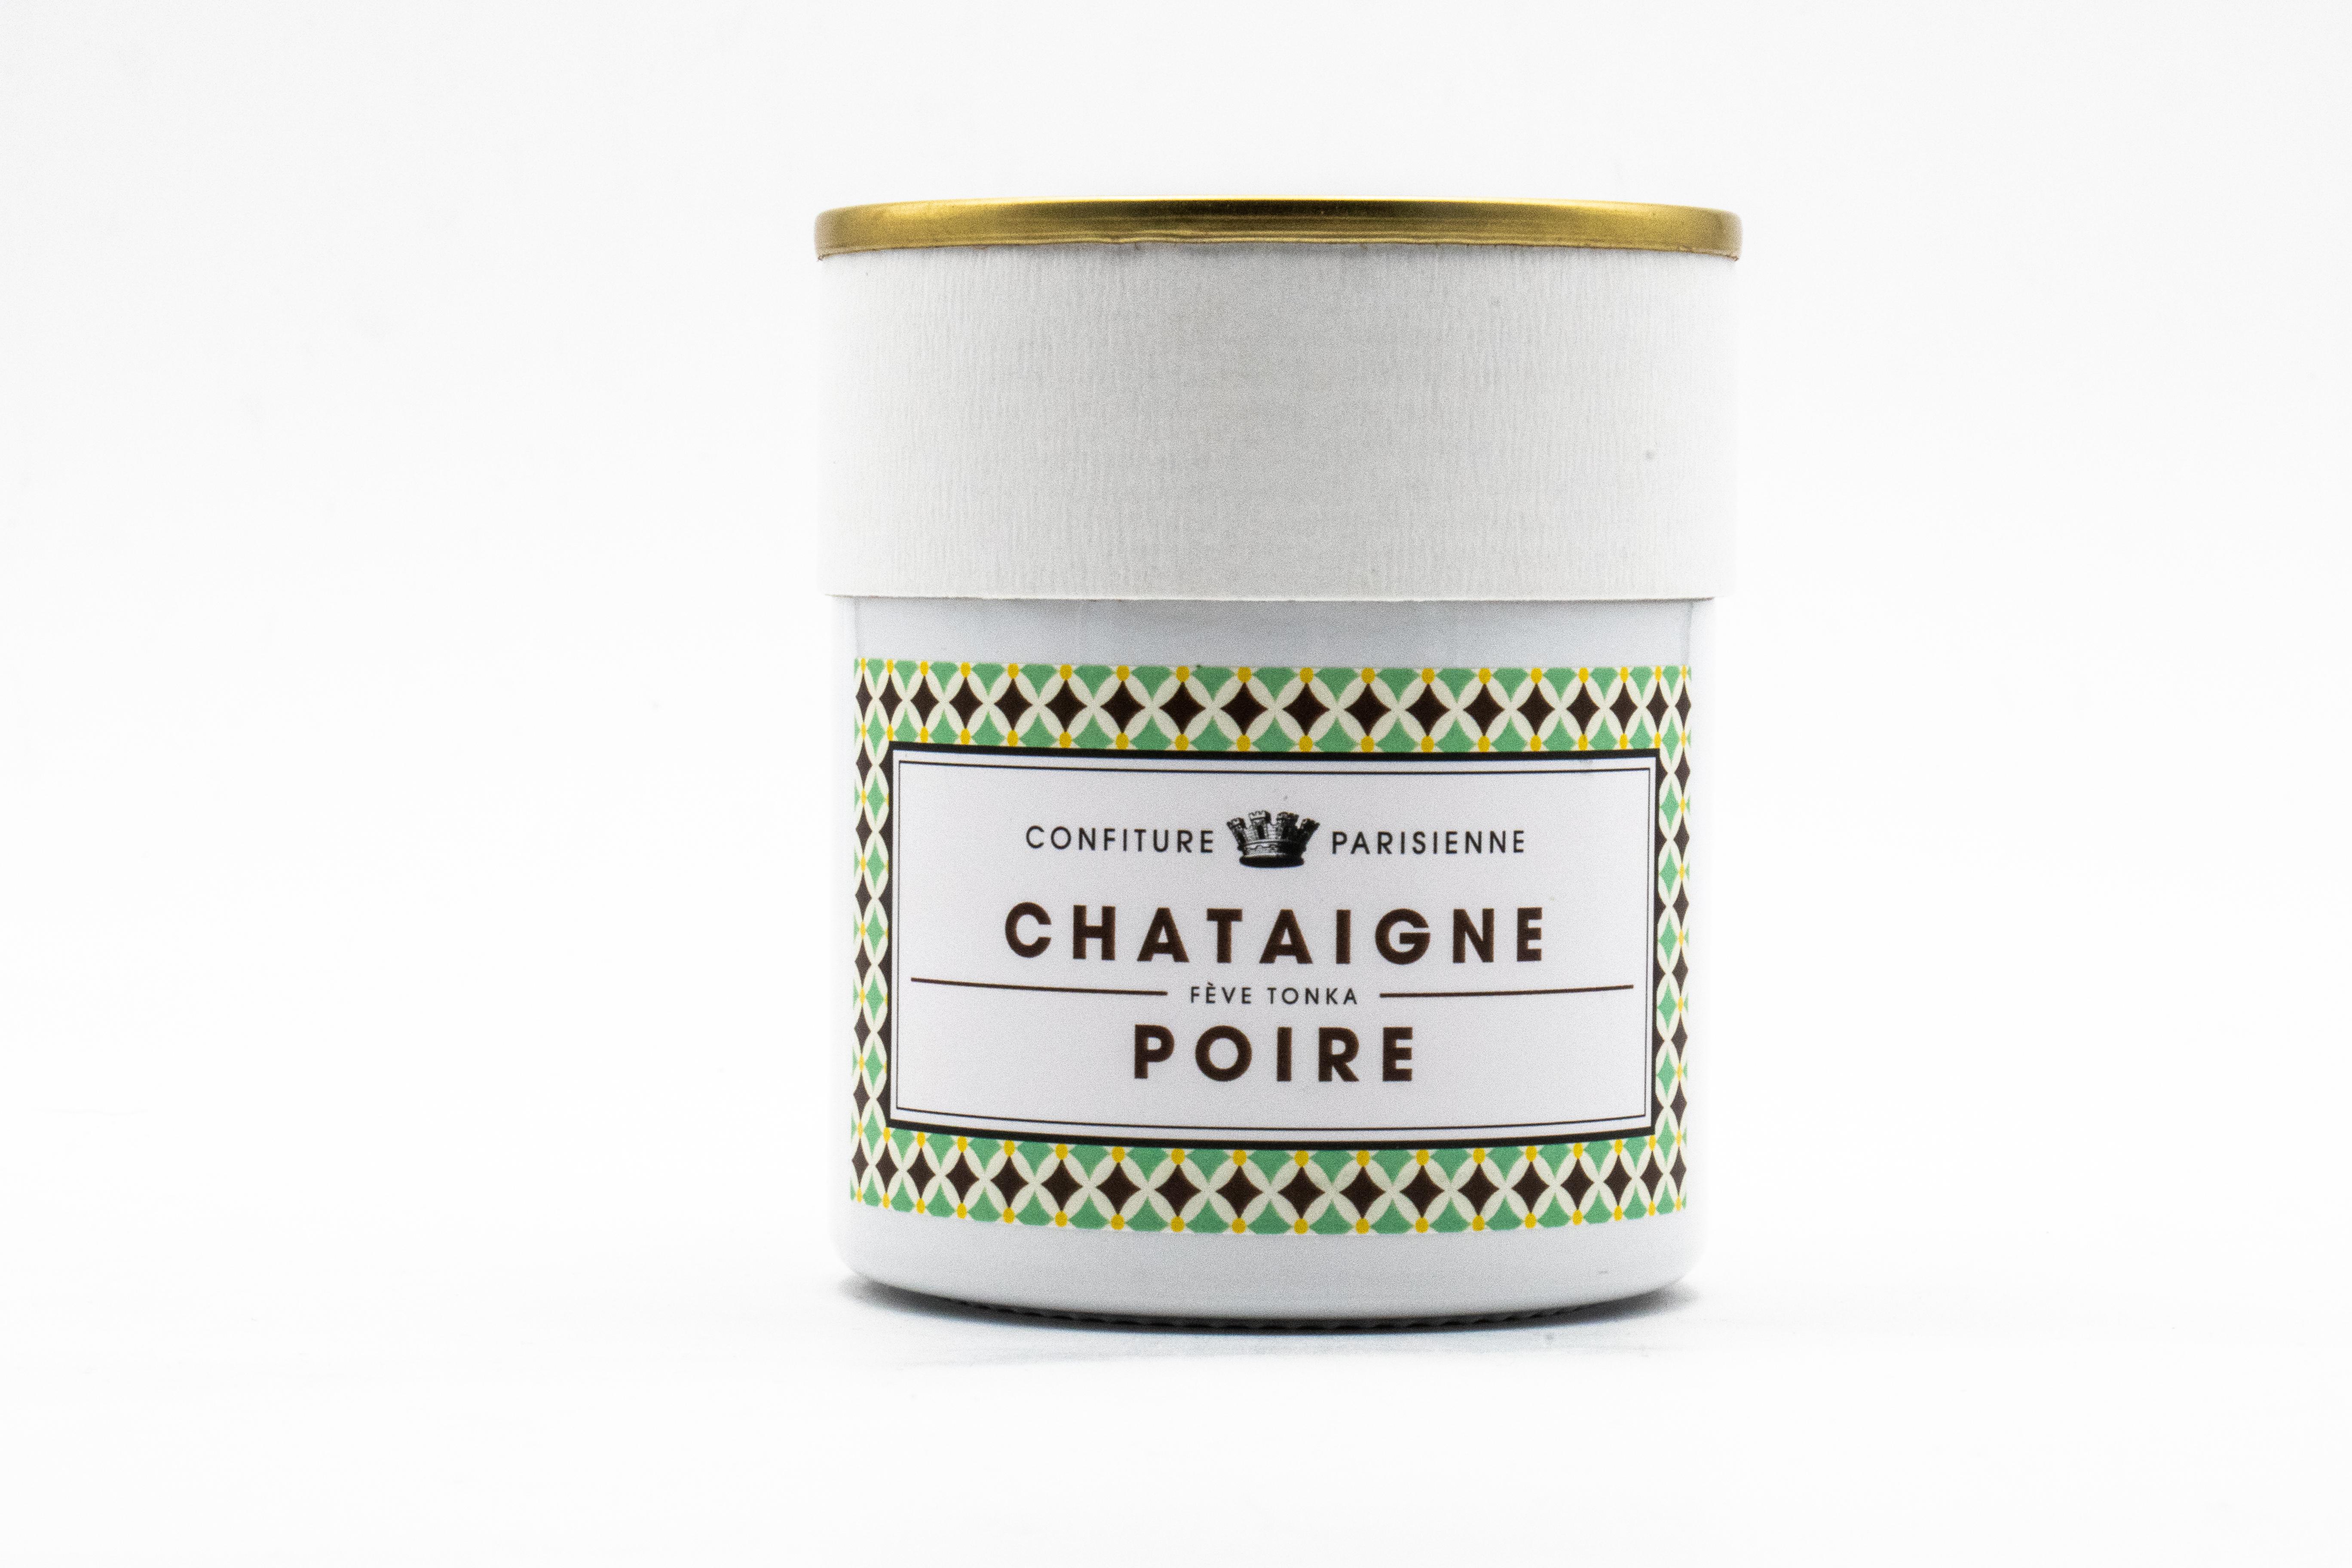 CONFITURE PARISIENNE CHATAIGNE (chestnut), POIRE (pear) & TONKA BEAN 250gr